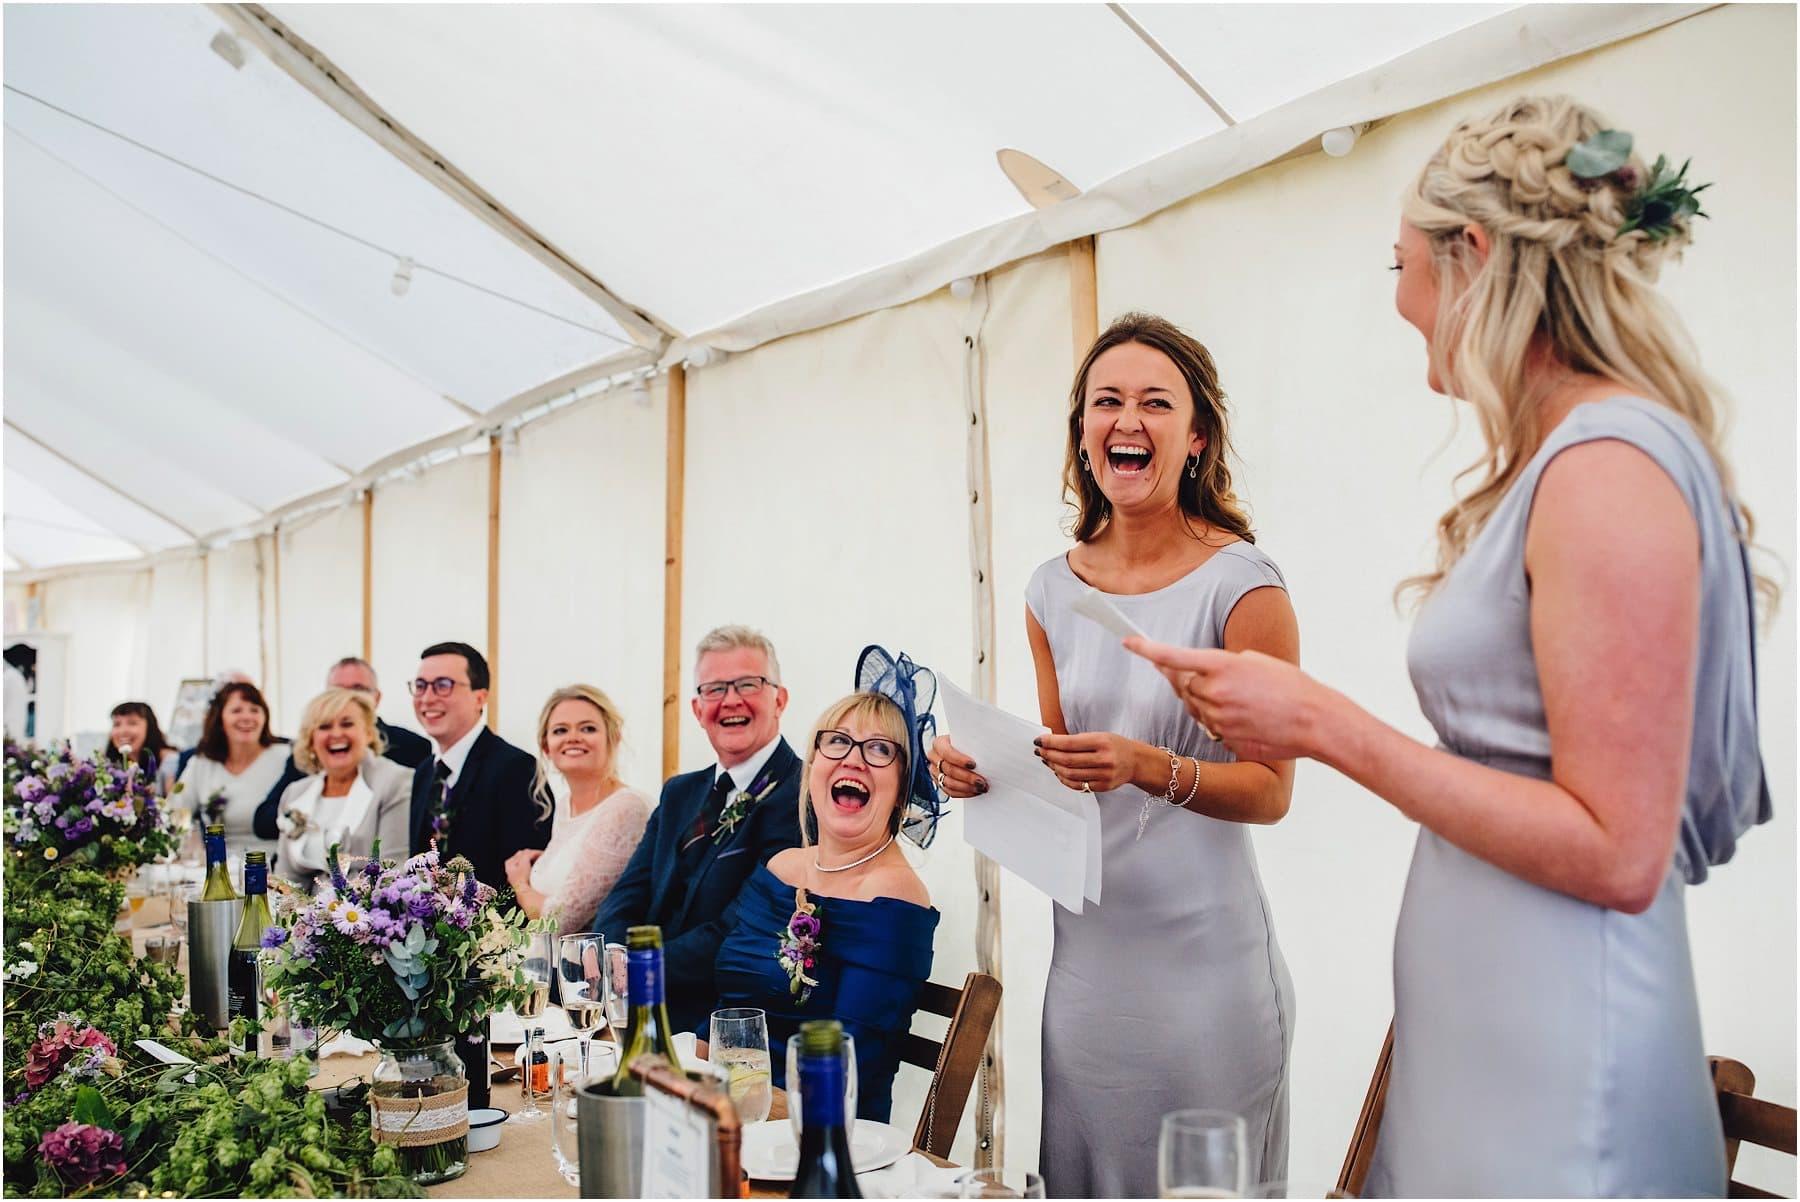 bridesmaids doing a wedding speech